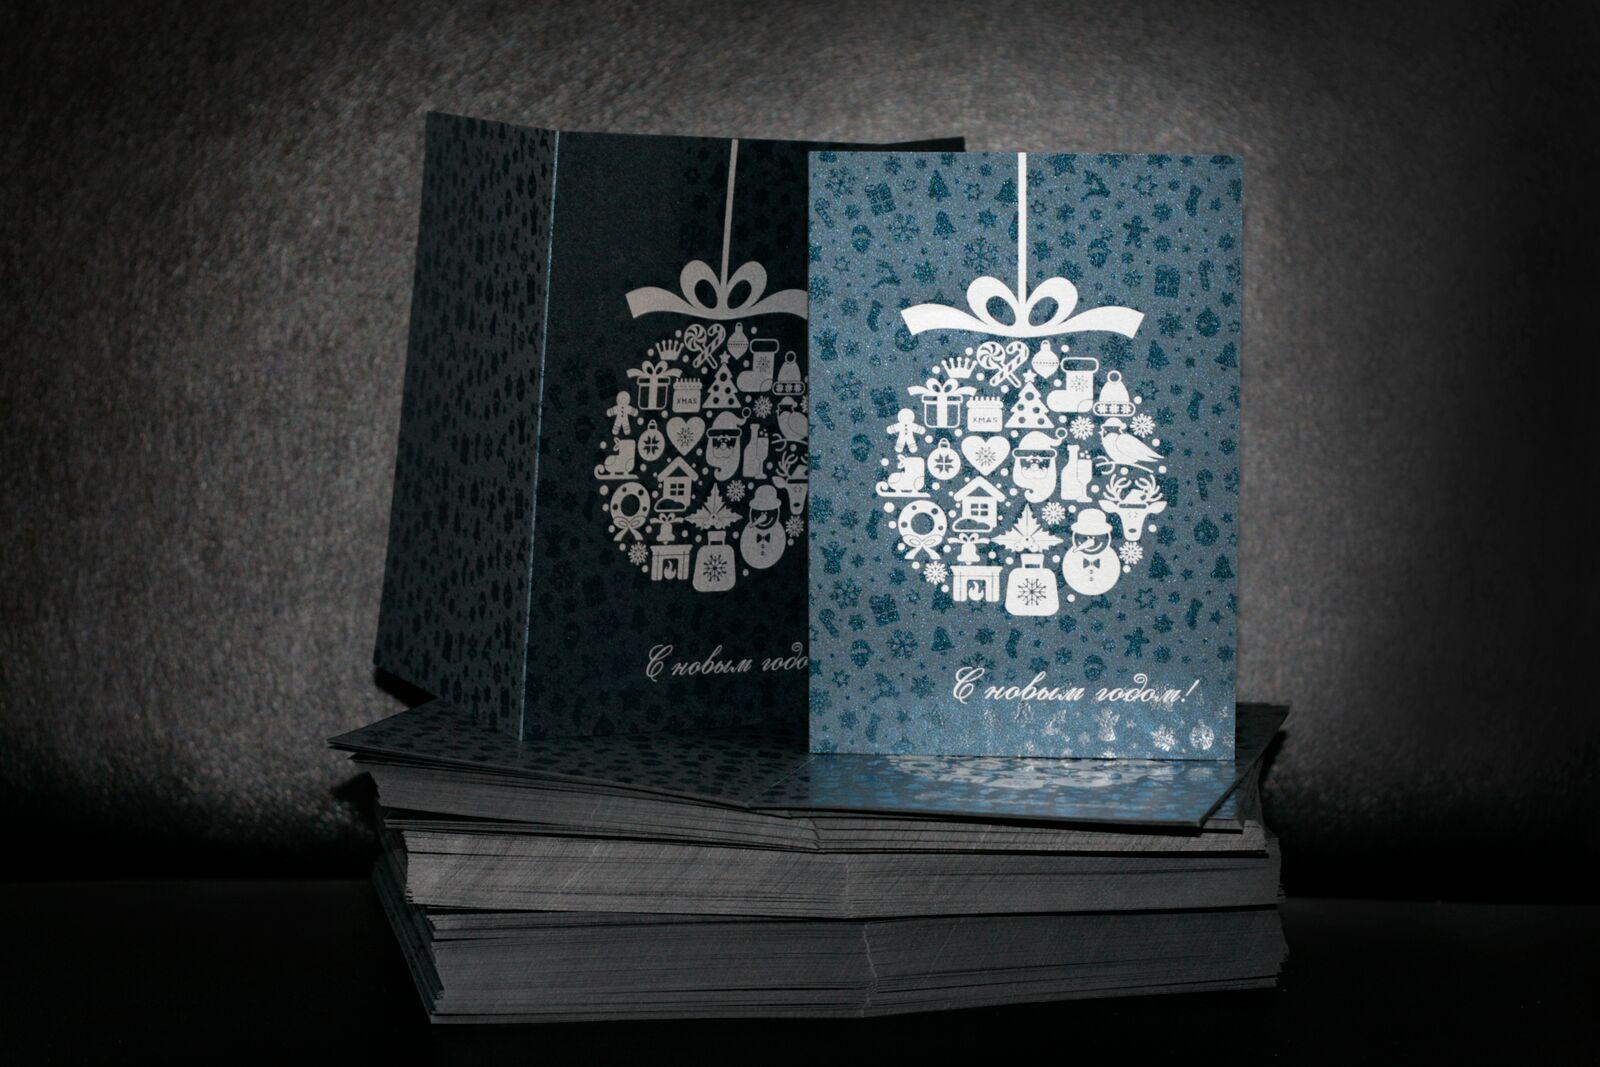 Куплю дизайн открыток, открытки